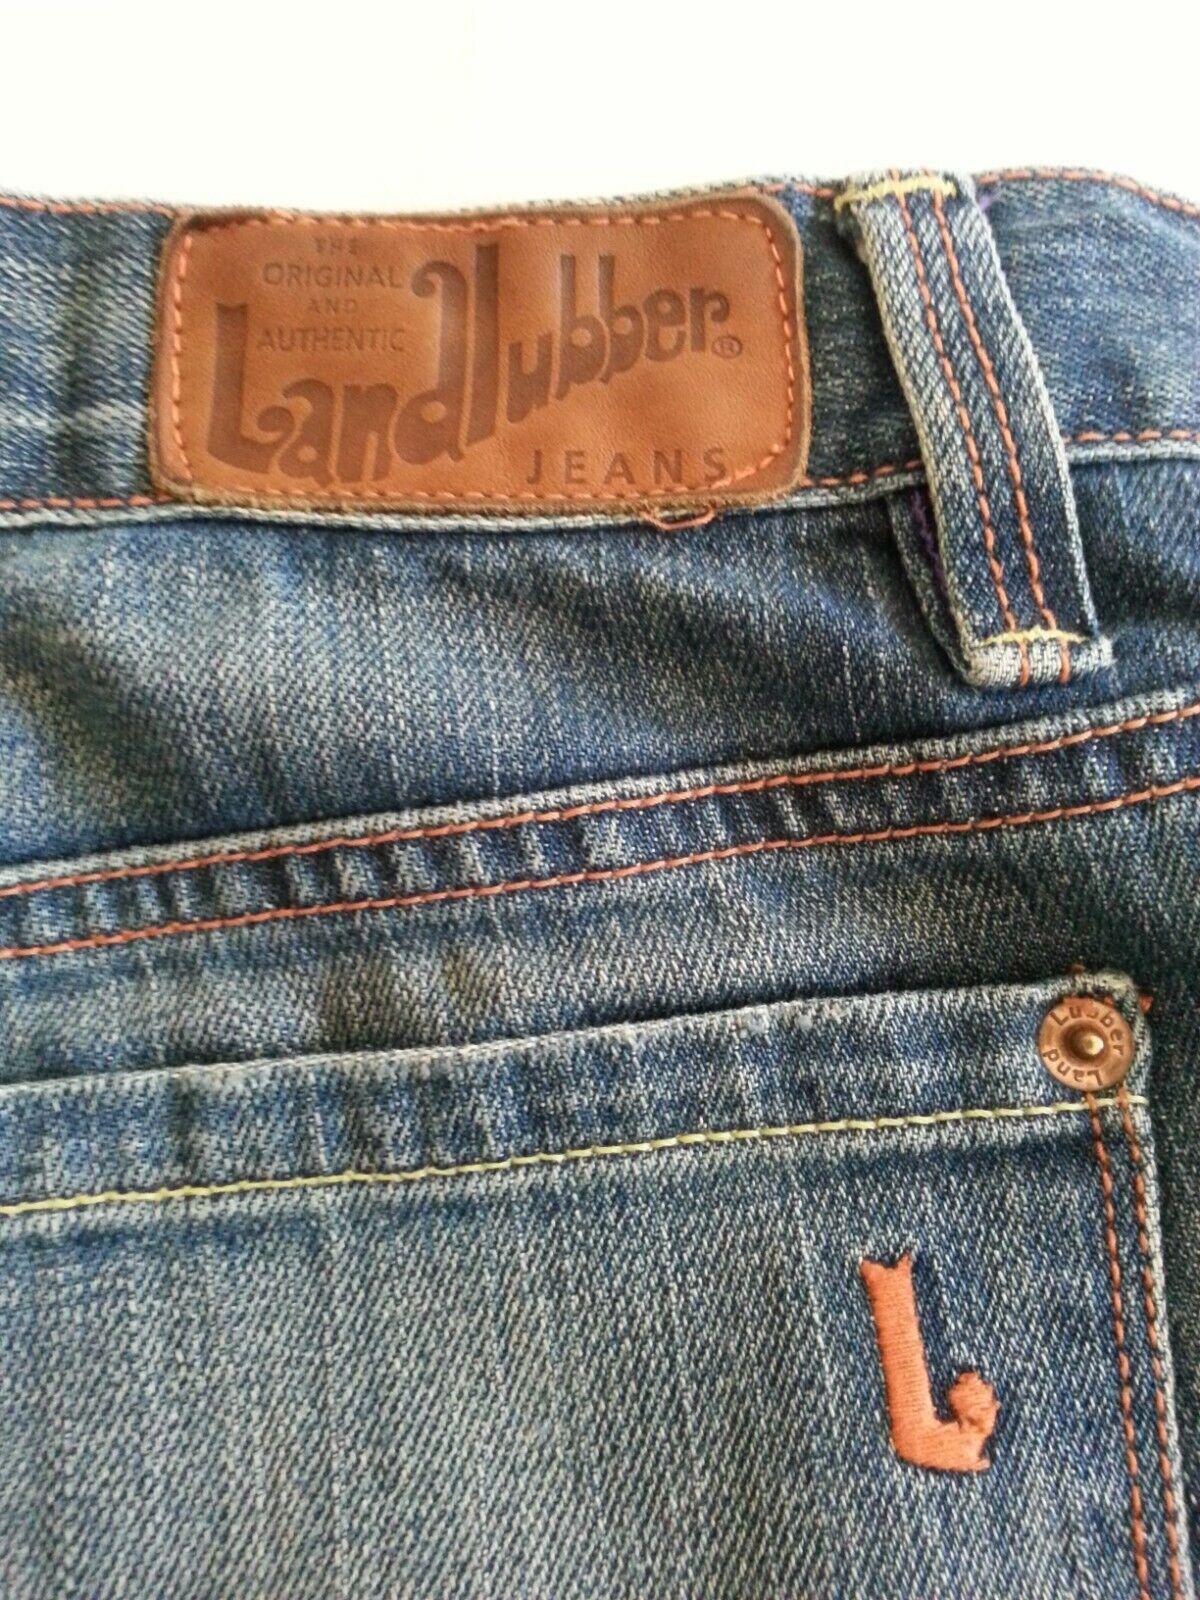 Vintage Women's Landlubber Denim Jeans Pants Size… - image 6